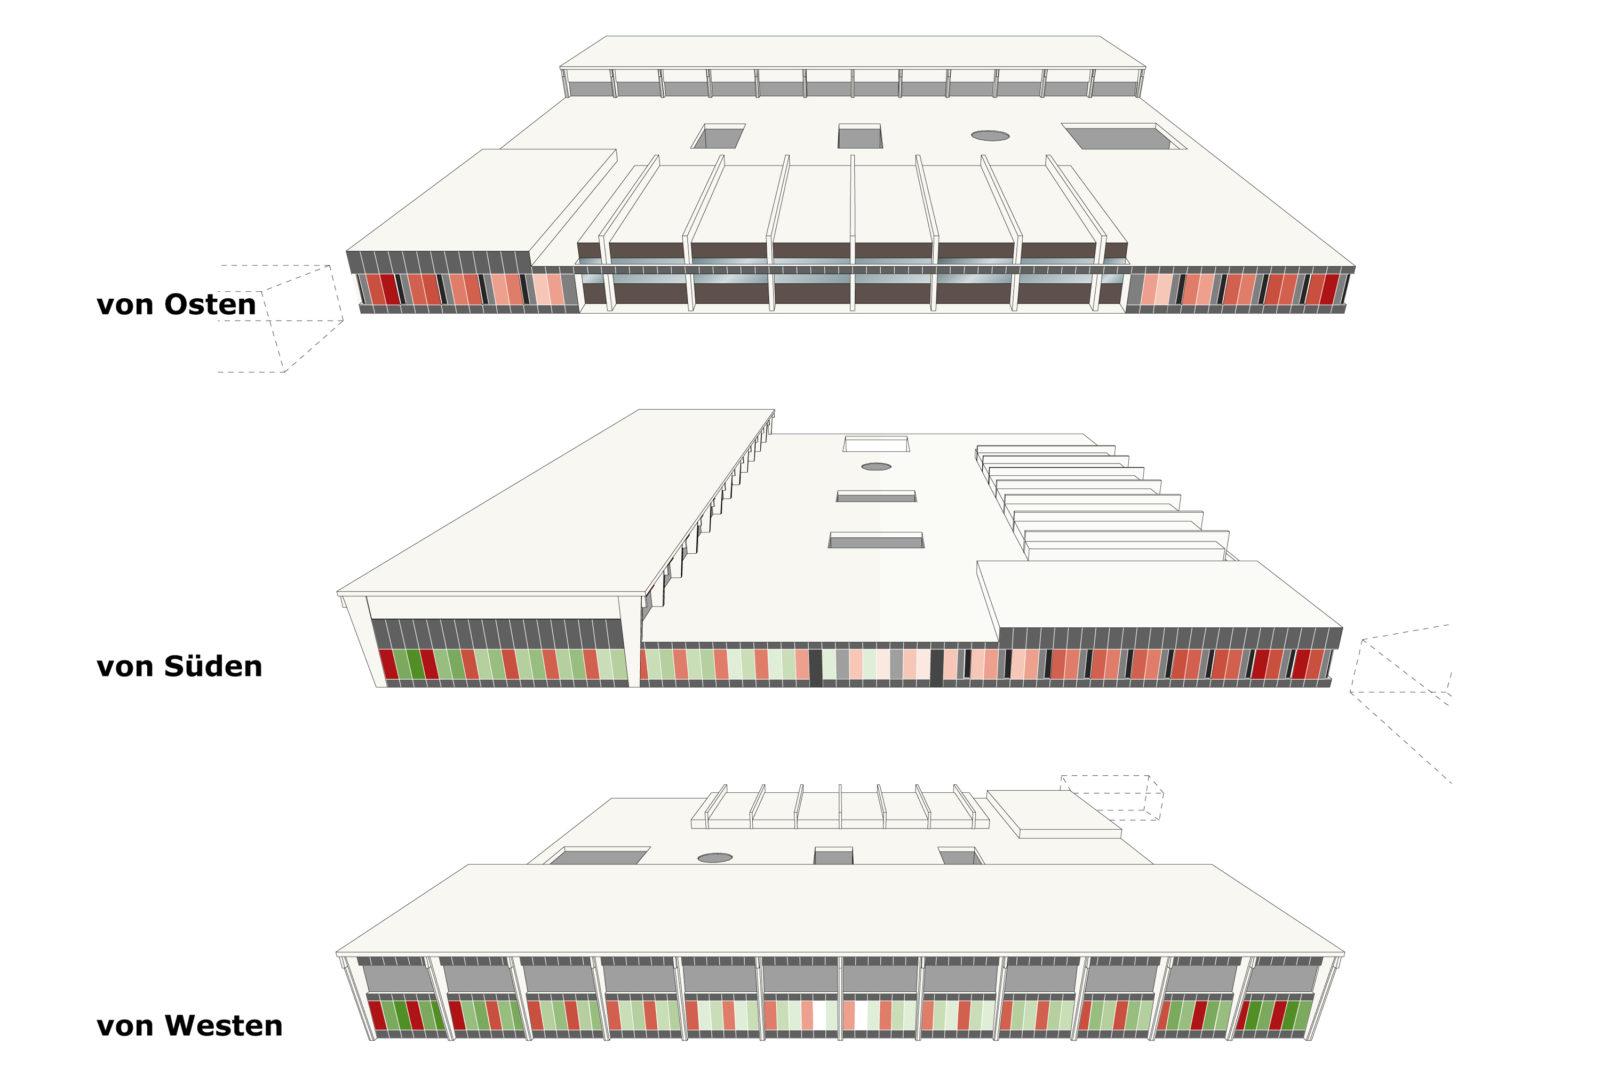 Trainingshalle Olympiastuetzpunkt Judoka und Leichtathletik Leipzig - Ansichten